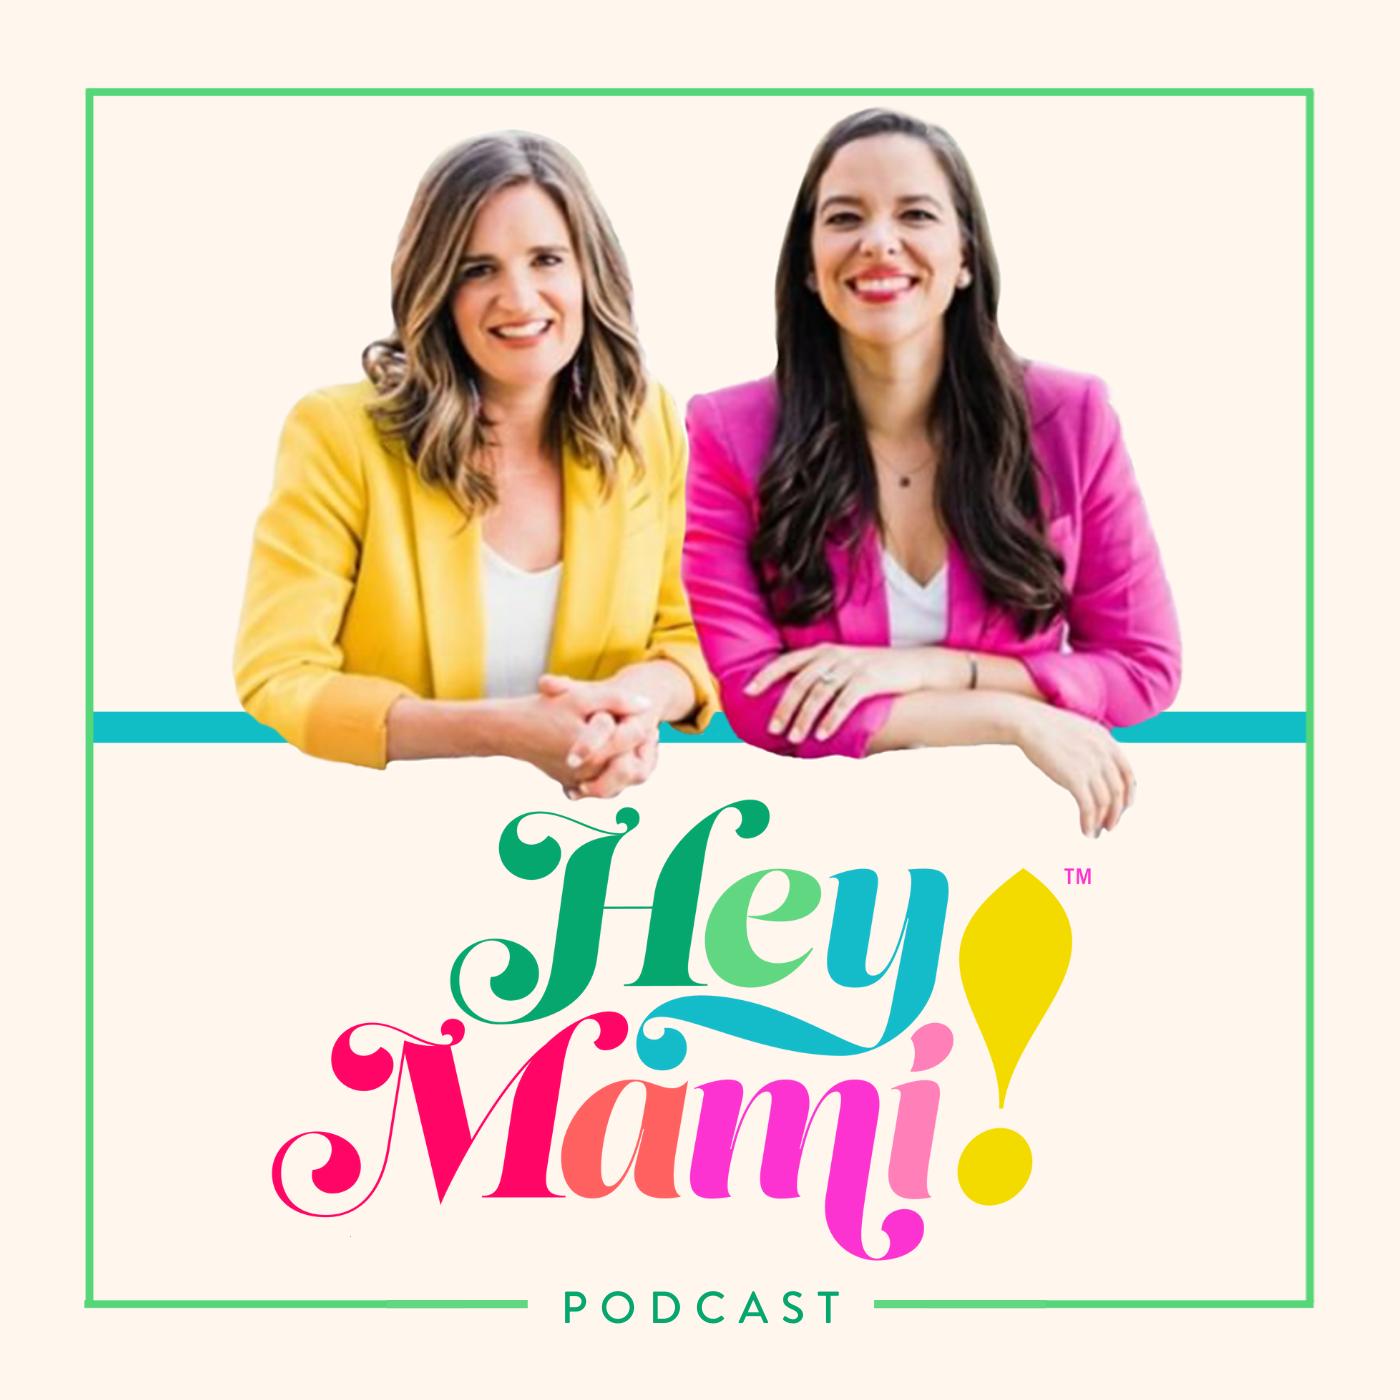 Hey Mami Podcast show art